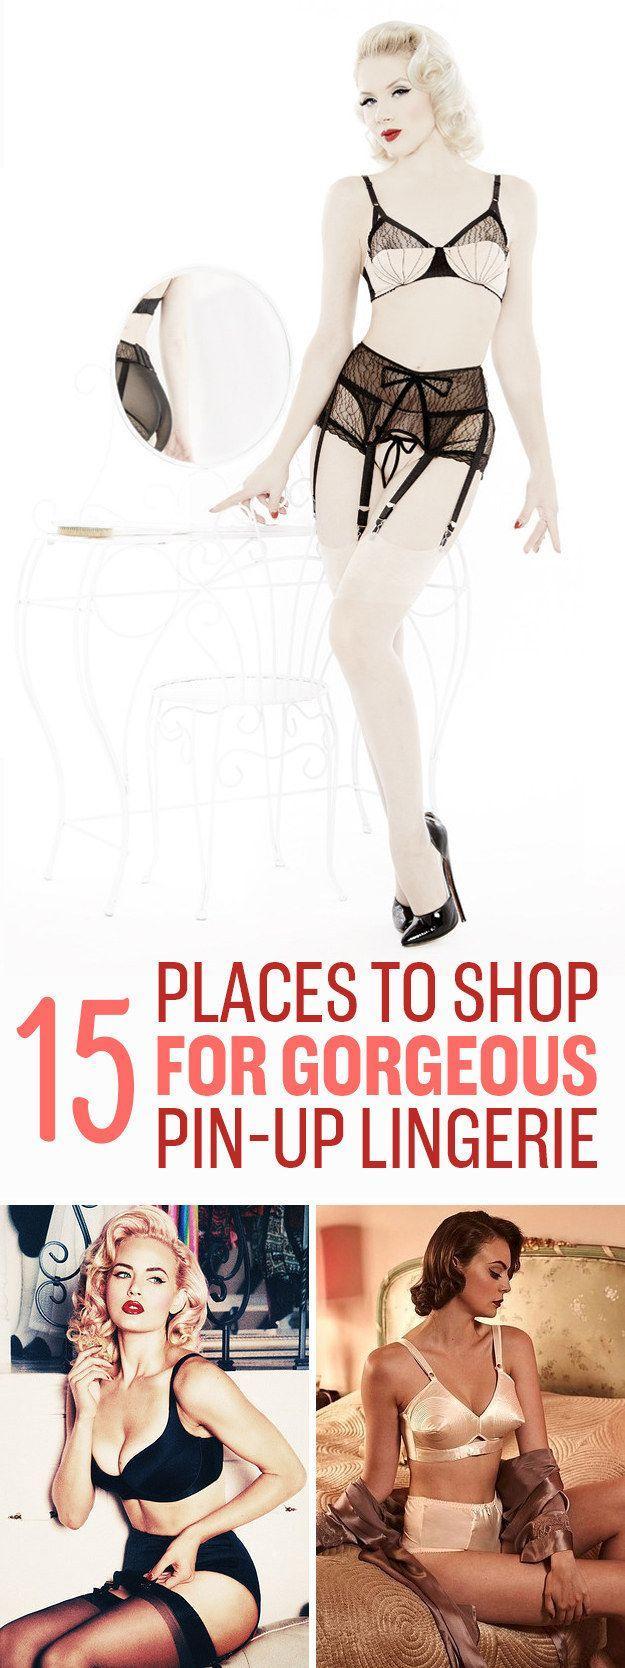 زفاف - 15 Vintage-Inspired Lingerie Stores You'll Wish You Knew About Sooner